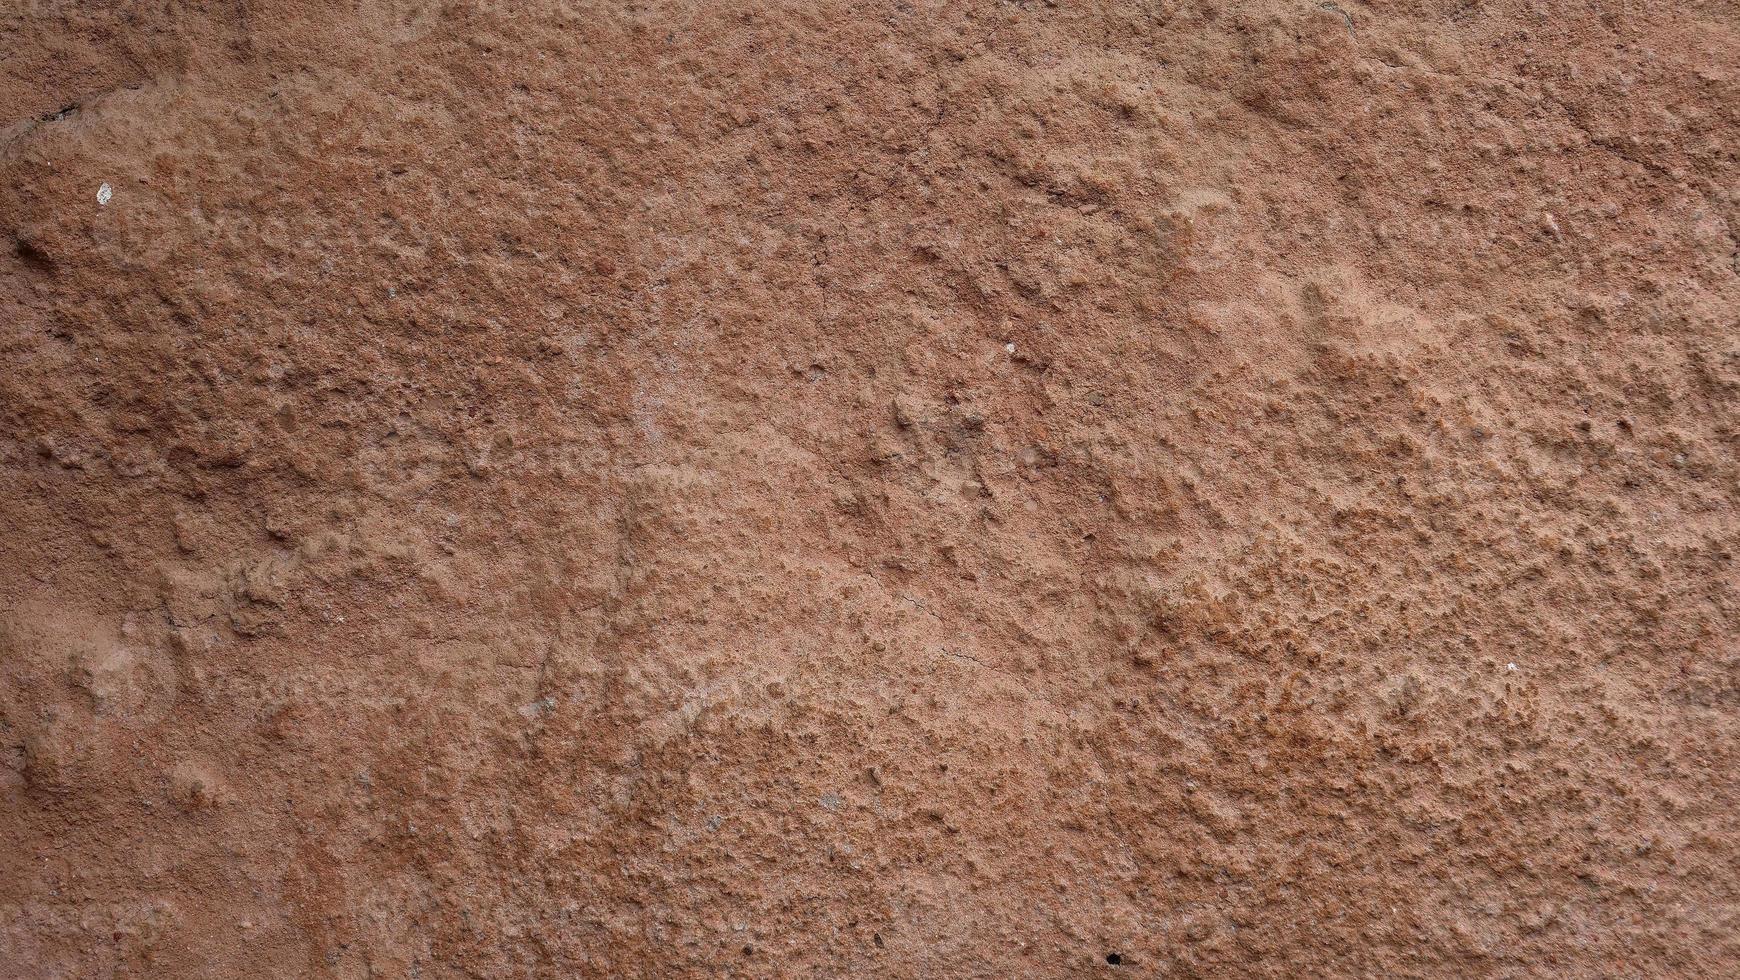 textura de parede complexa de caverna-templo maijishan na china de tianshui gansu foto